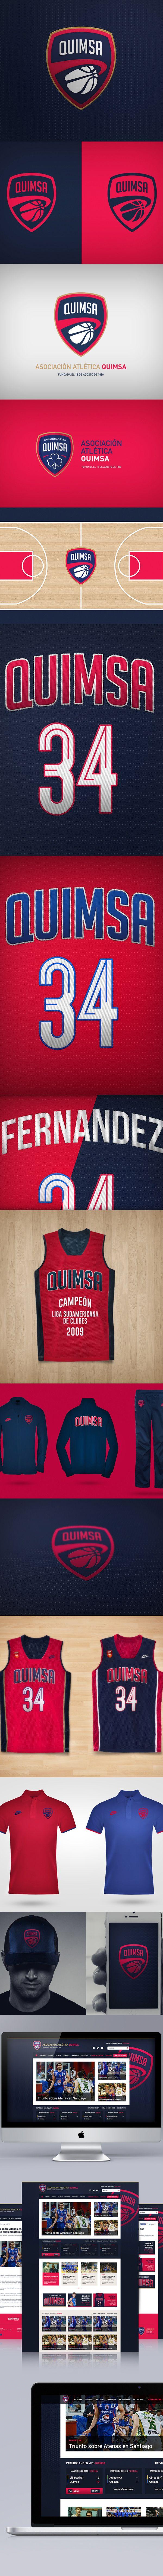 La Asociación Atlética Quimsa es un club de la ciudad de Santiago de Estero que entre sus actividades mas importantes tiene al Básquetbol.El club, multicampeón de torneos locales y continentales, contaba con una imagen obsoleta comparada con su magnitud…